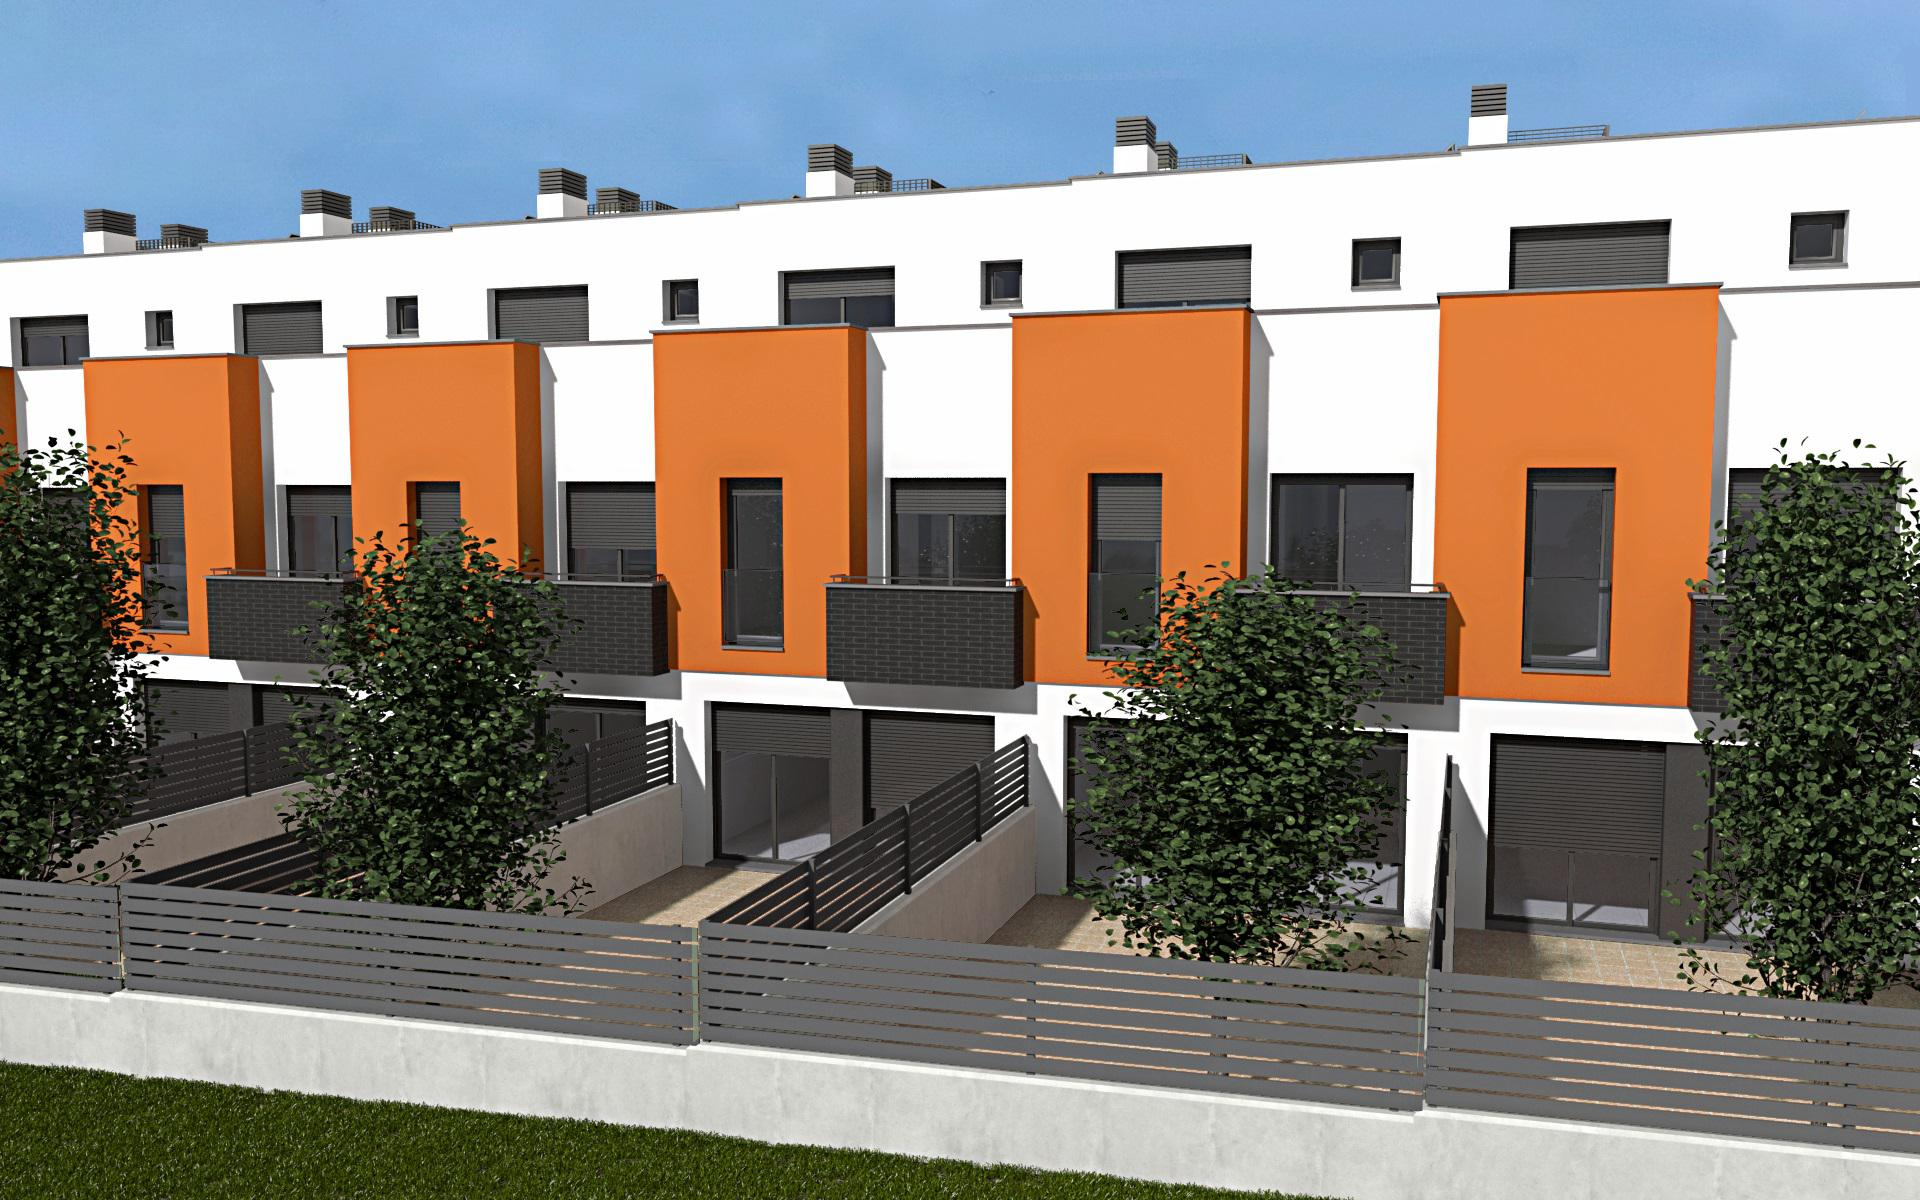 82 - 6 Casas Apareadas en el Llimonet - Ball de Bastons